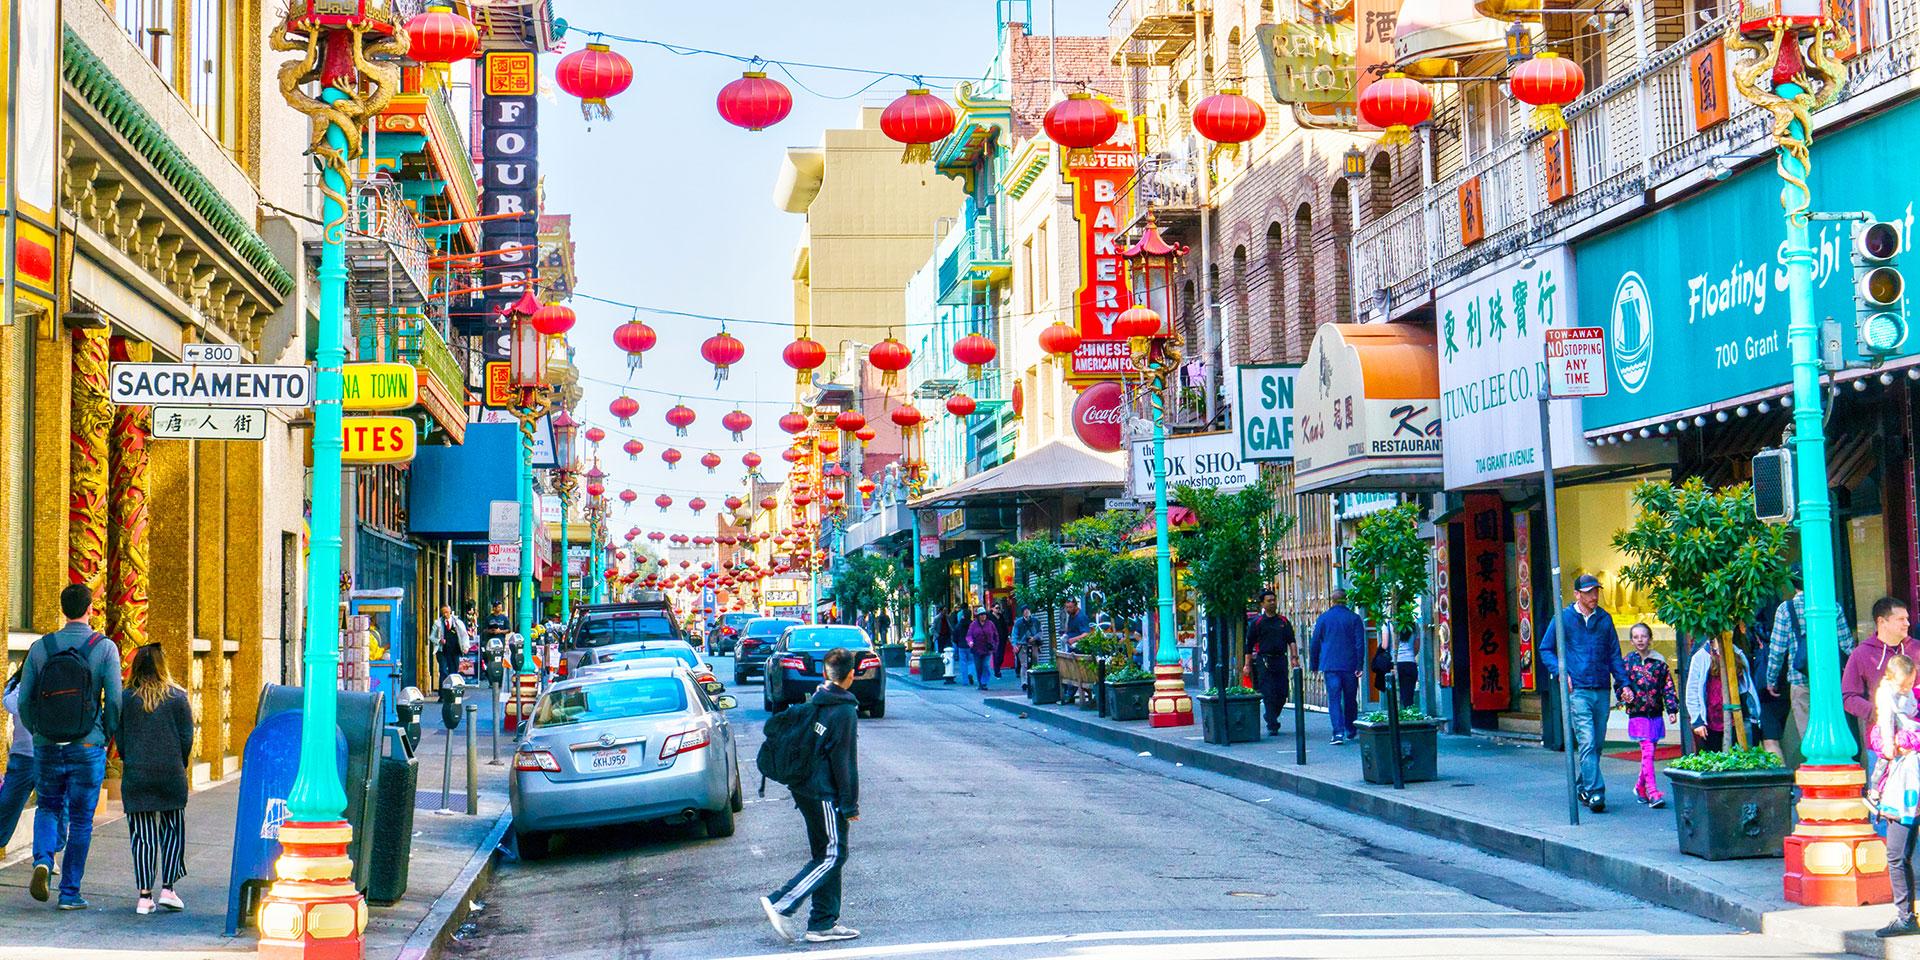 San Francisco - El barrio chino